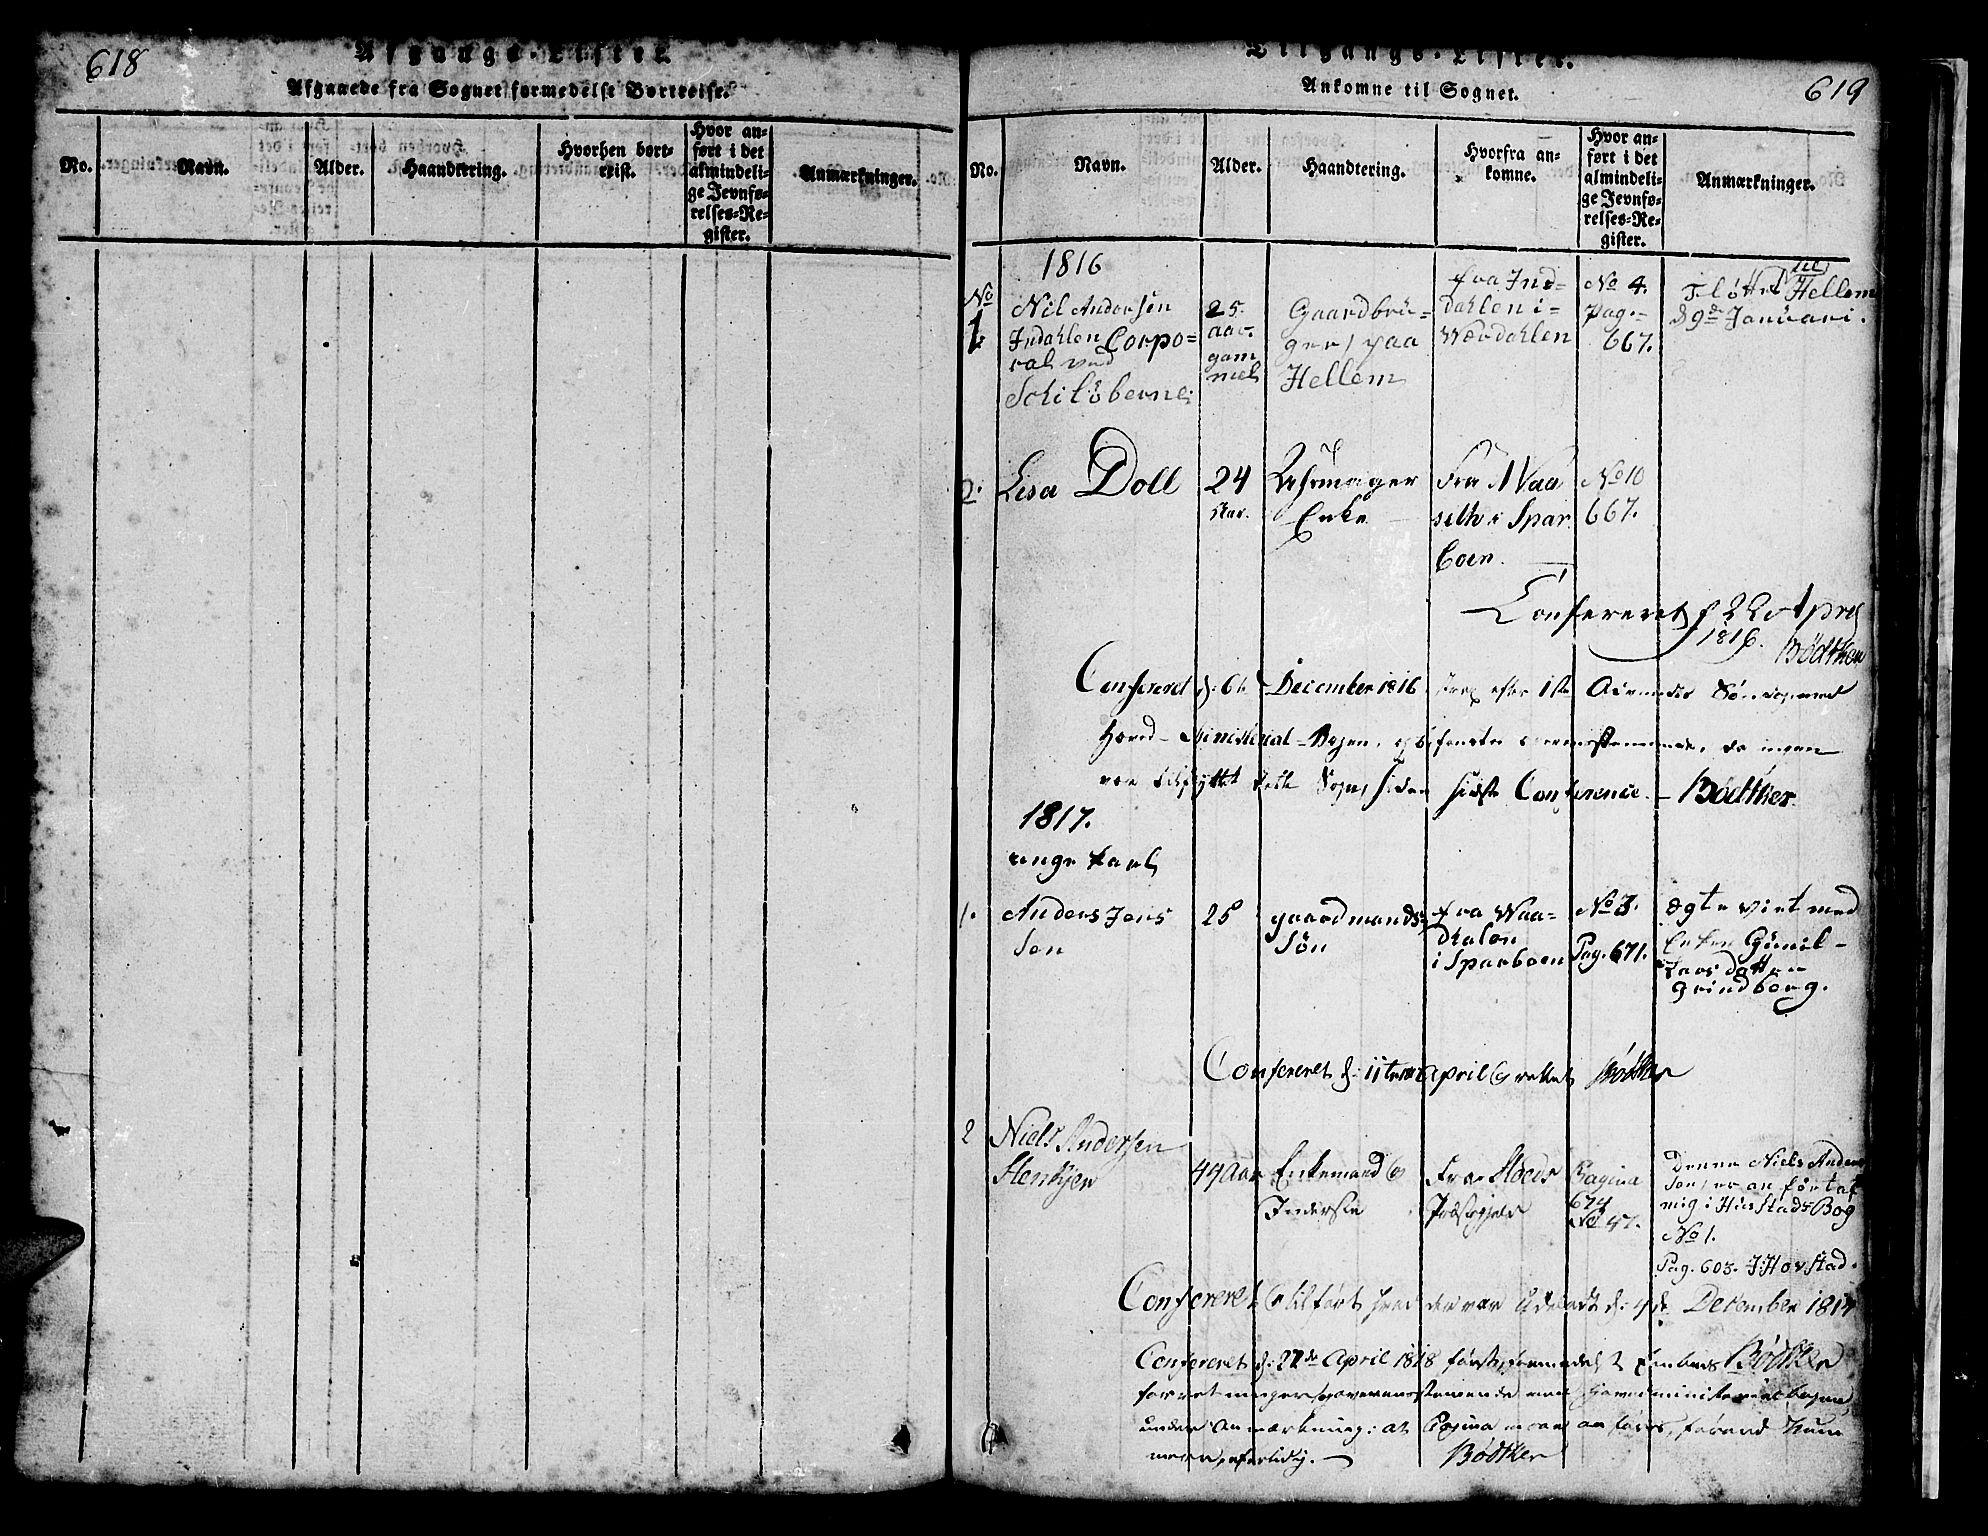 SAT, Ministerialprotokoller, klokkerbøker og fødselsregistre - Nord-Trøndelag, 731/L0310: Klokkerbok nr. 731C01, 1816-1874, s. 618-619